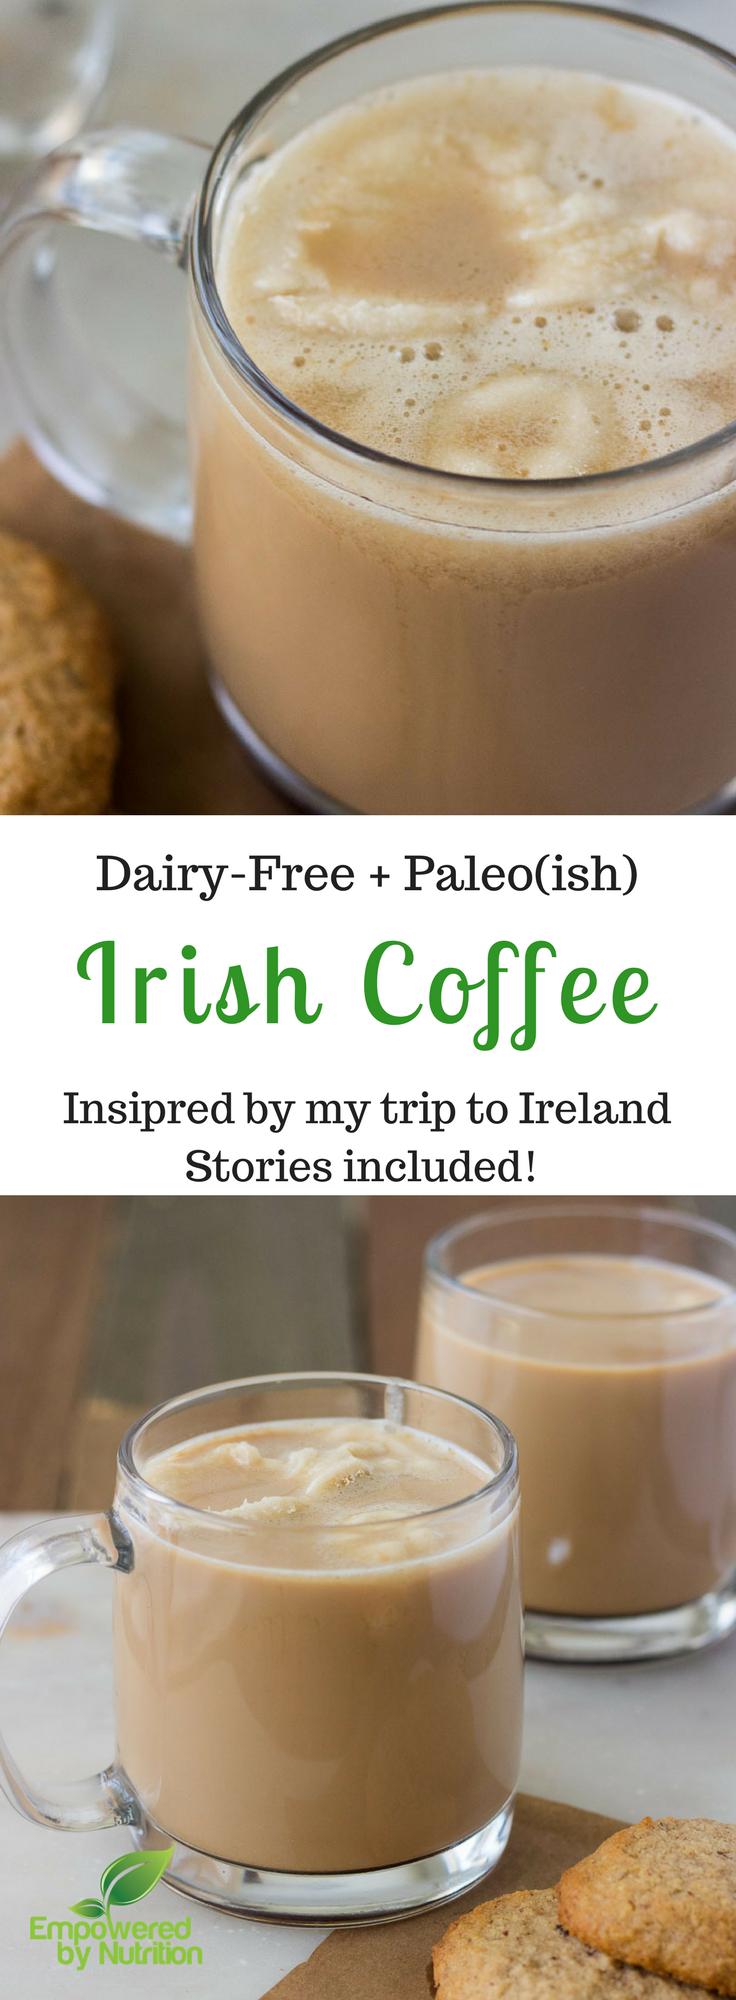 irish_coffee_whiskey_dairy-free_paleo_ireland